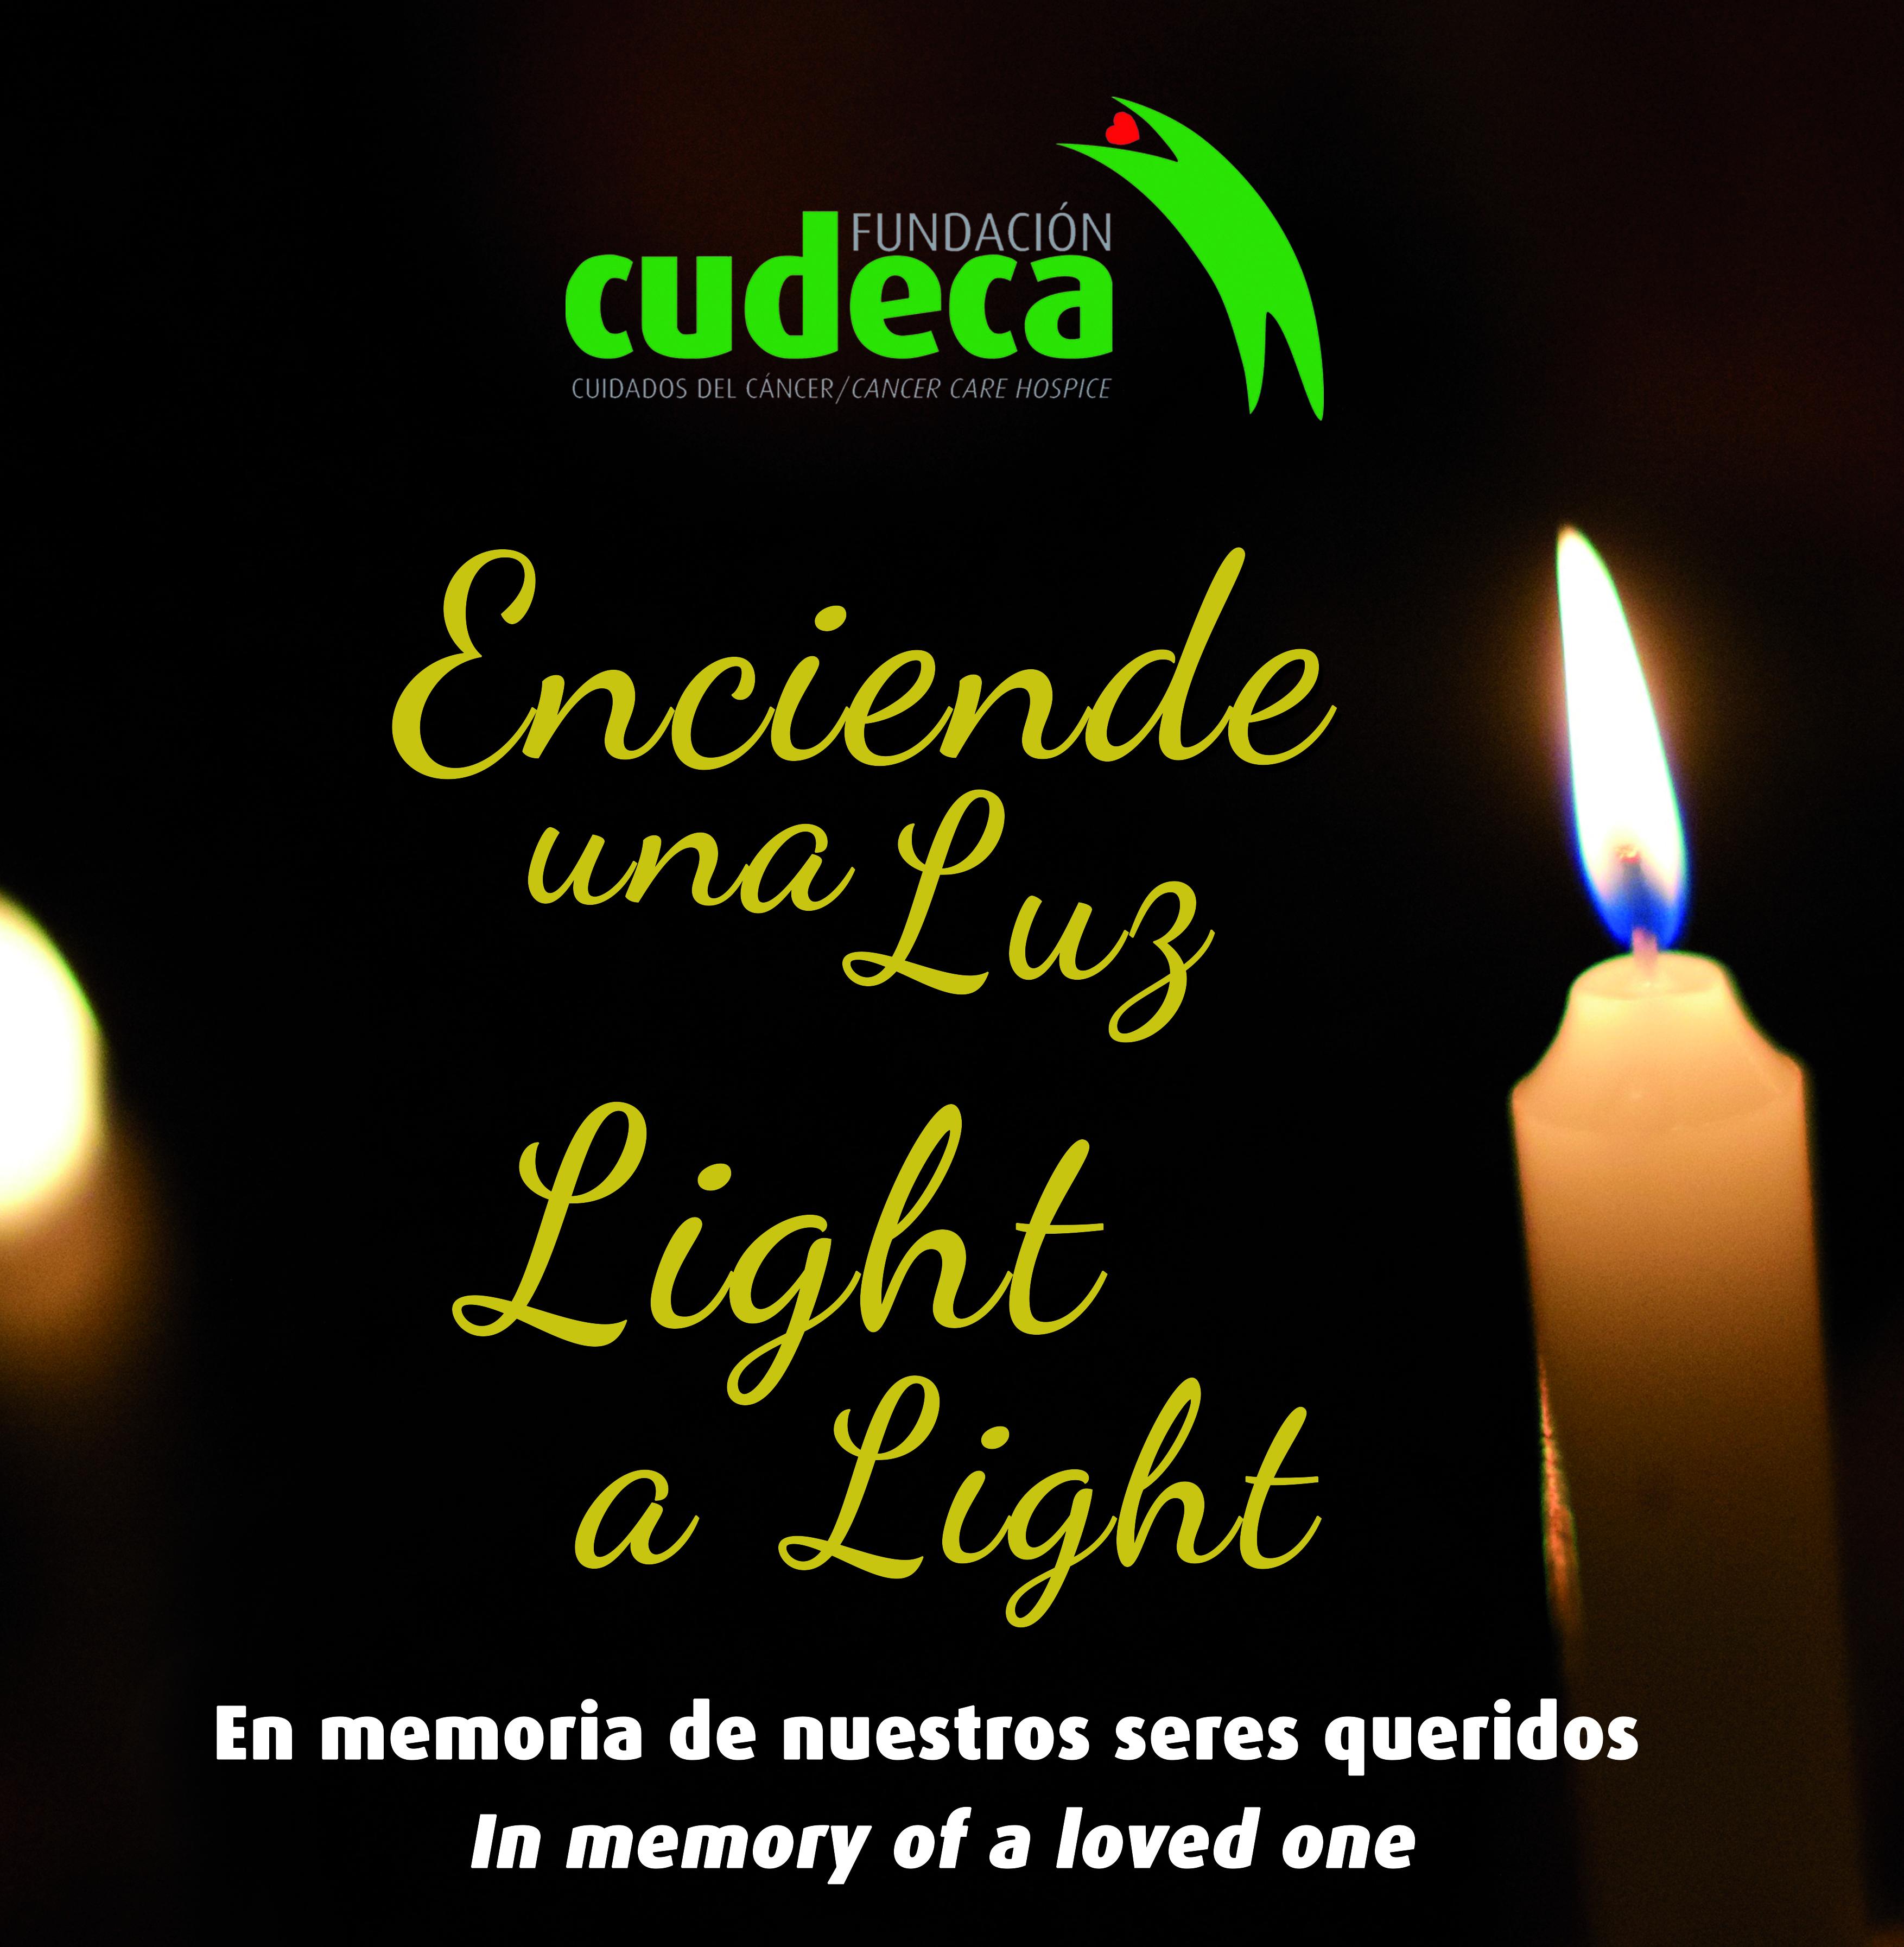 Light a Light 2018